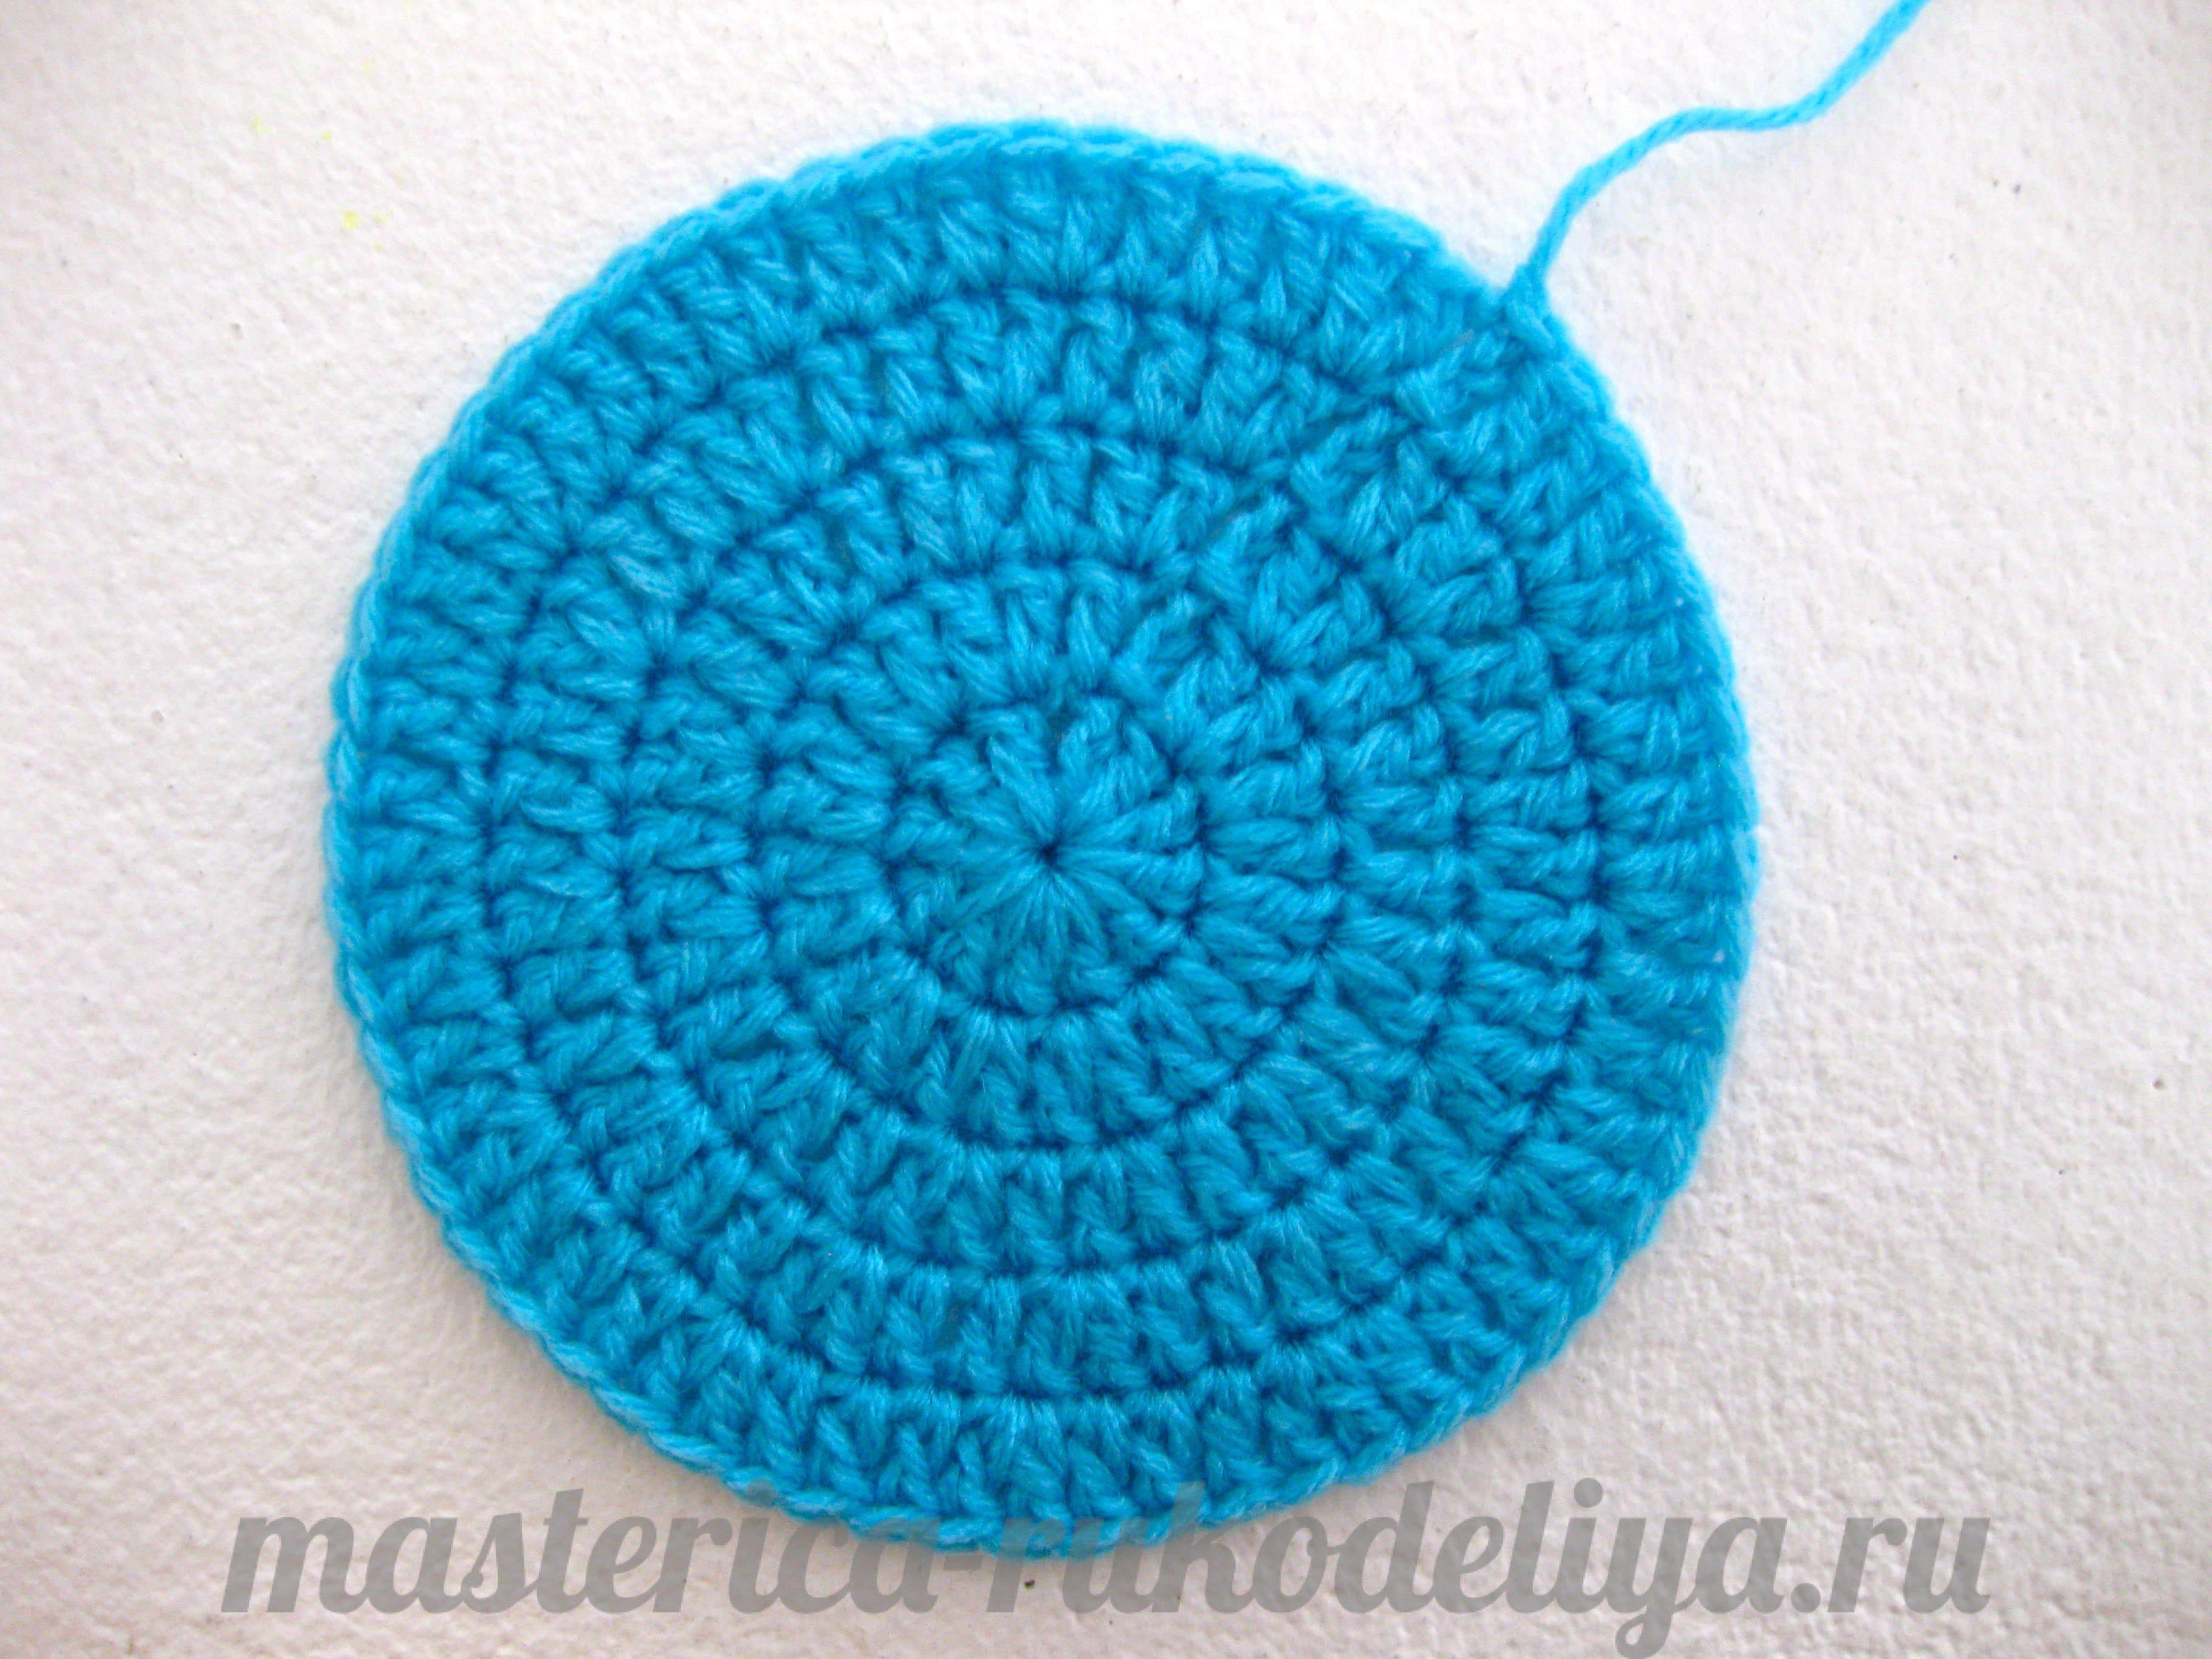 Вязание по кругу пошагово фото